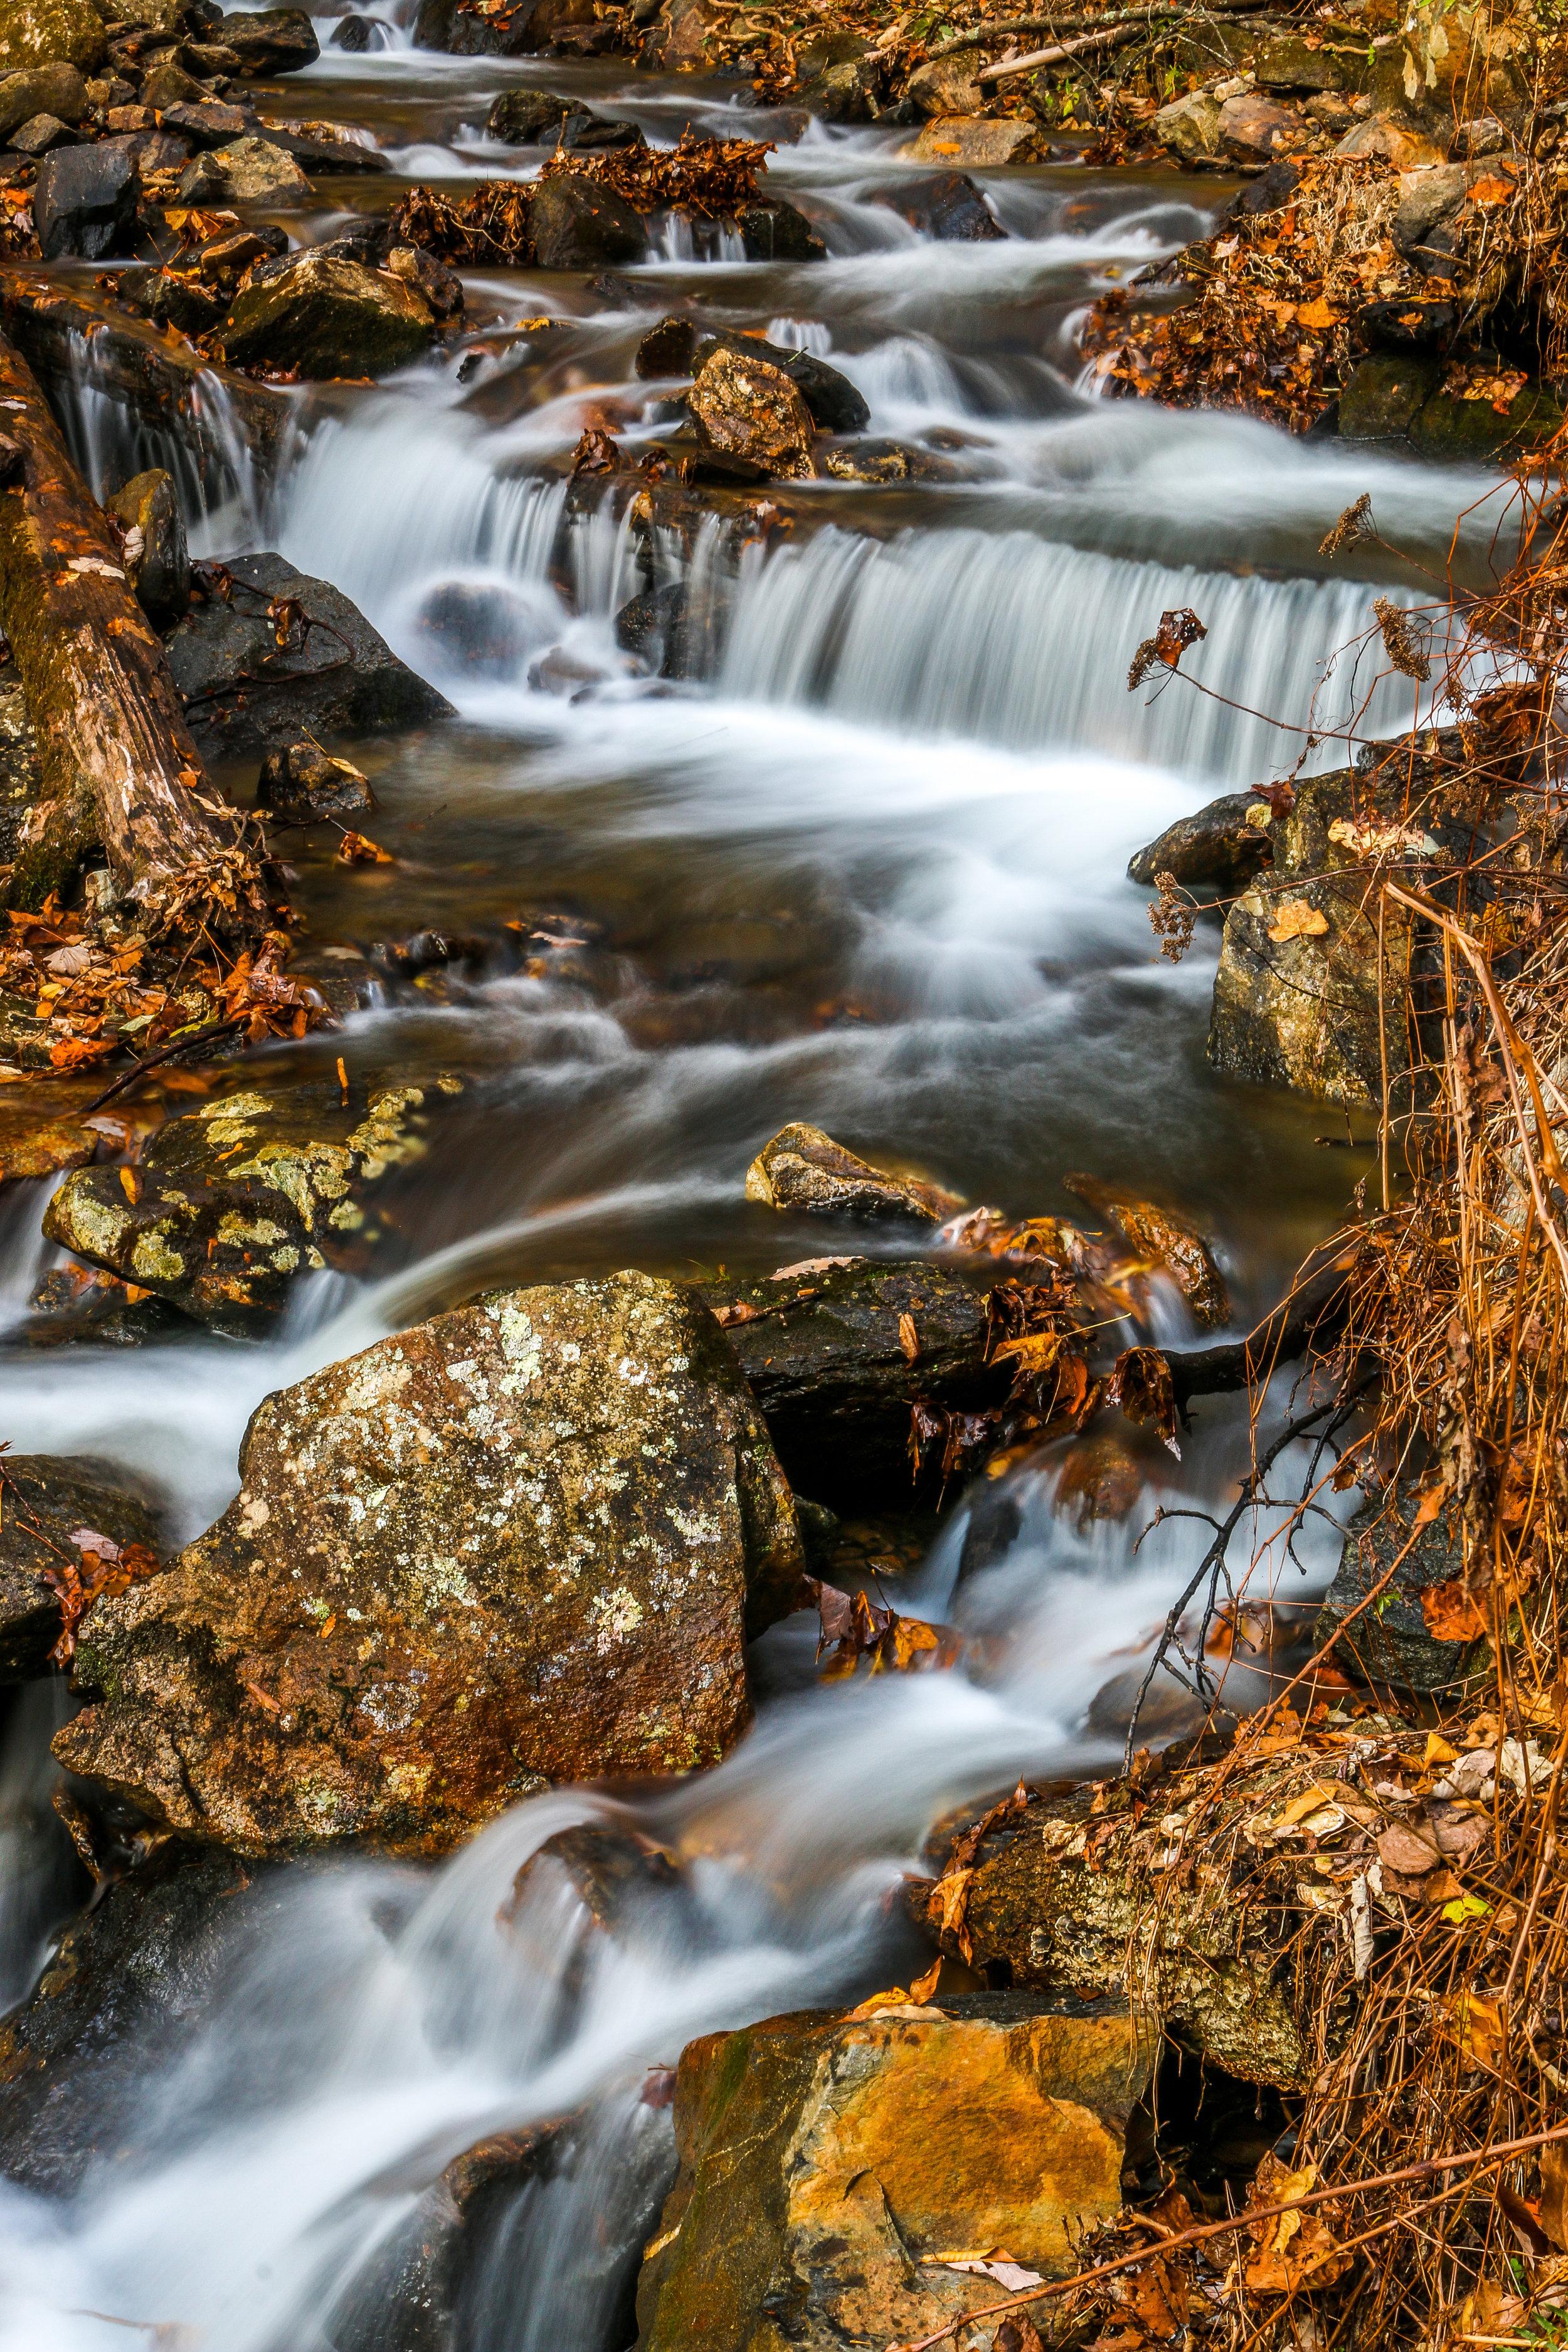 Below Amicalola Falls